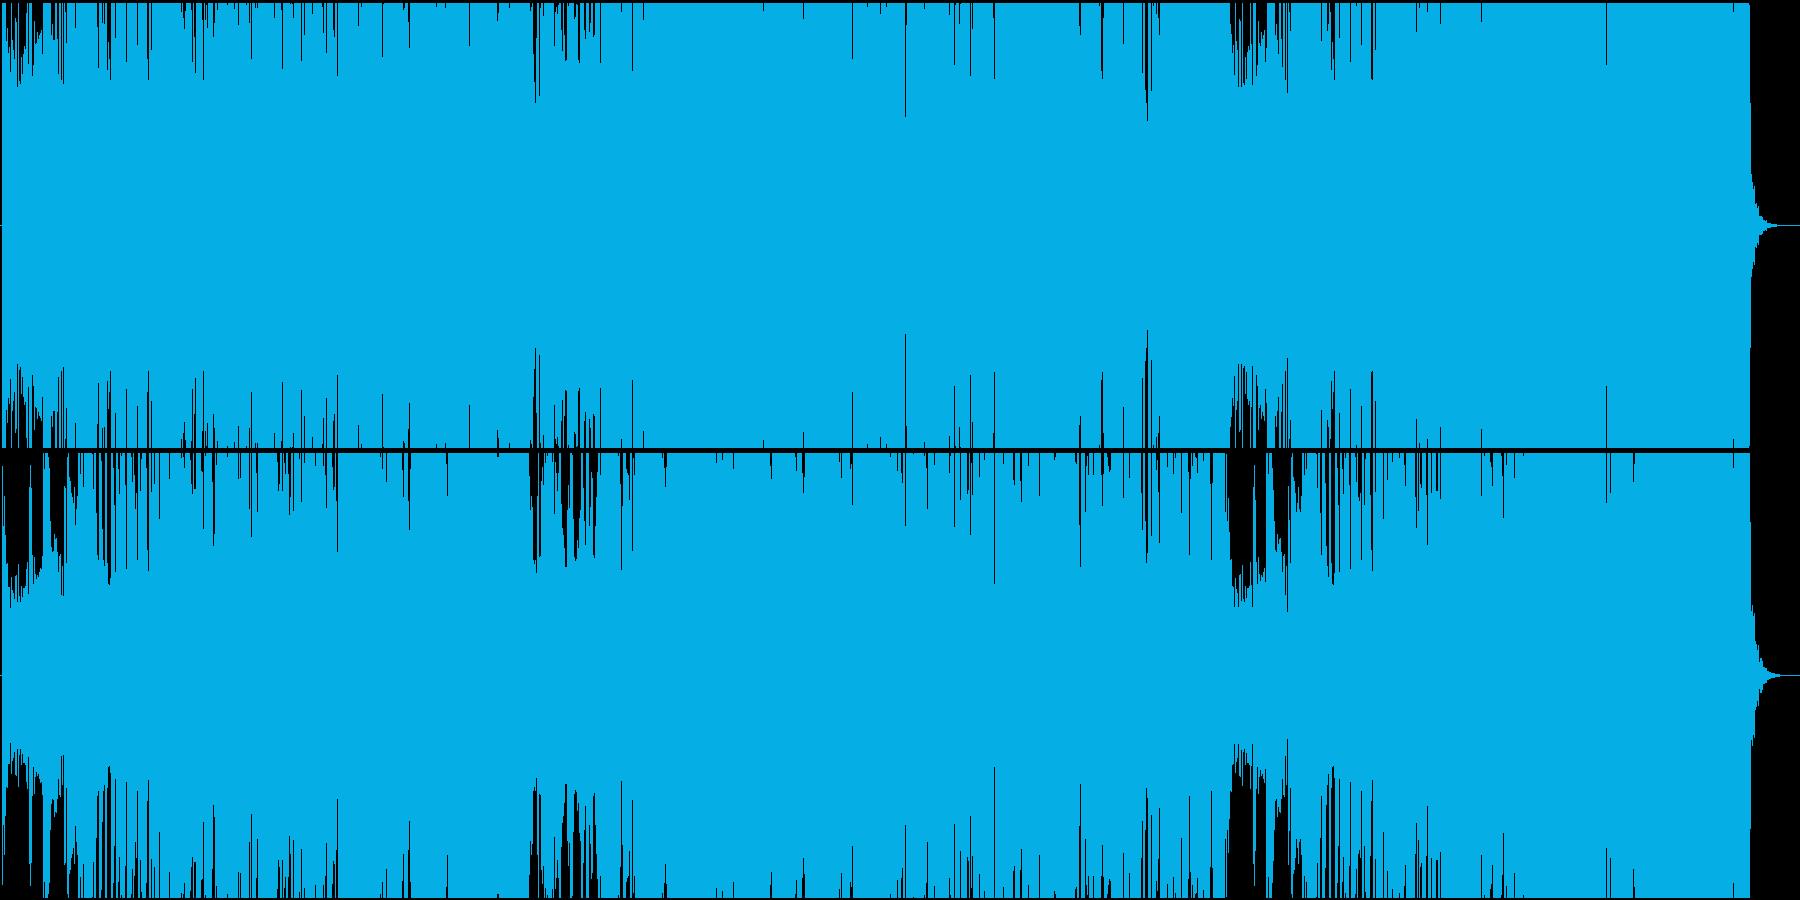 ブルース色が強いヘビーなカントリー楽曲の再生済みの波形